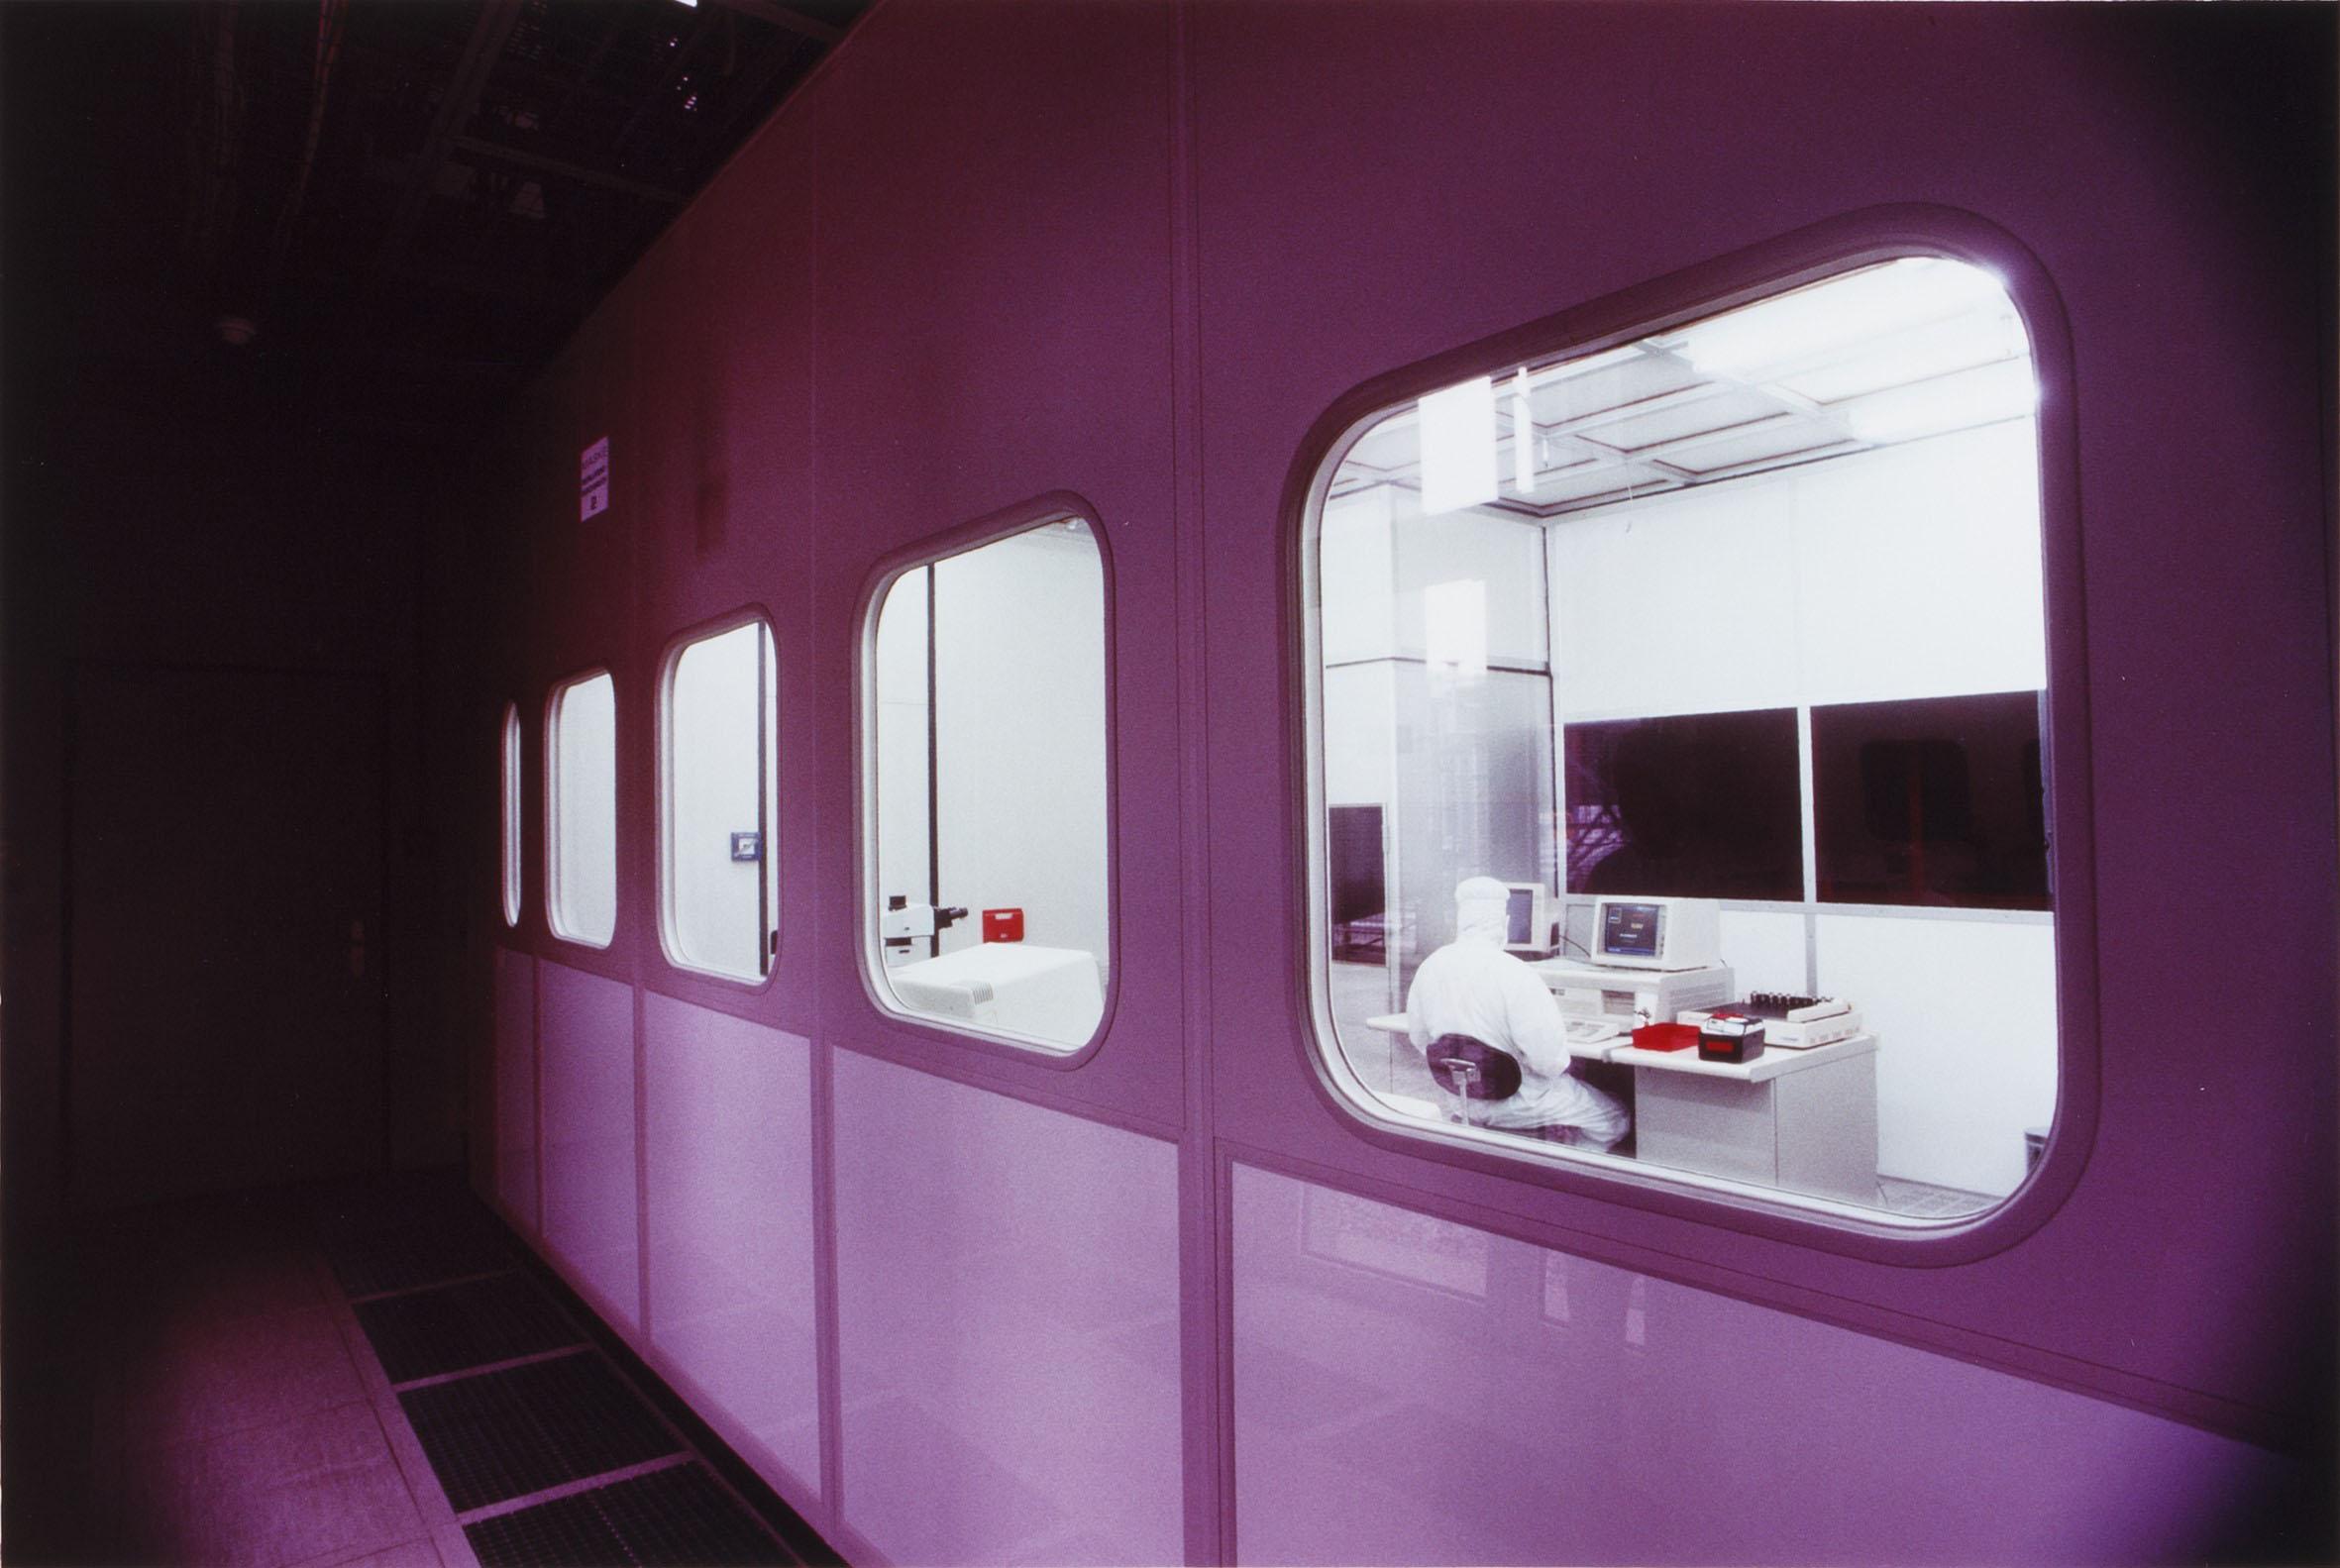 Inventory Number 5877 Timm Rautert, Siemens AG, München, 1989 Photo: Timm Rautert © Courtesy: Parrotta Contemporary Art Stuttgart, Berlin